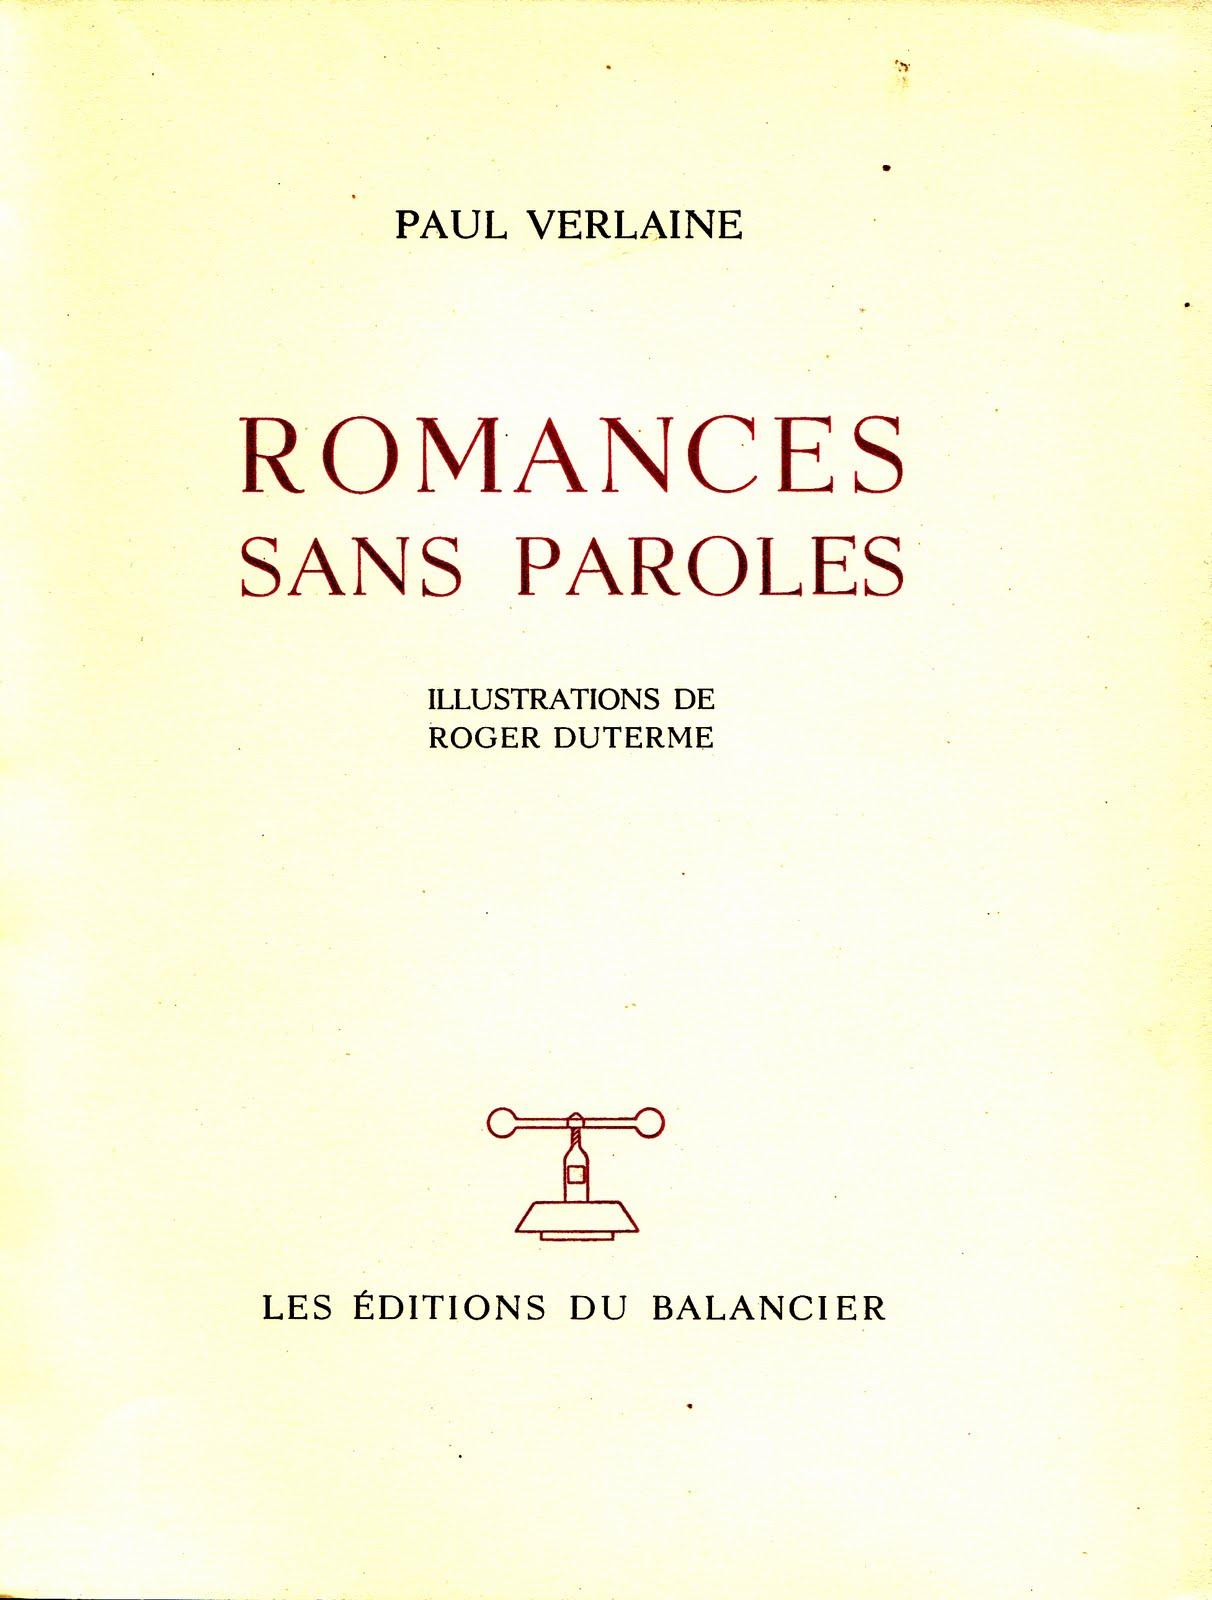 Paul verlaine 1844 1896 romances sans paroles